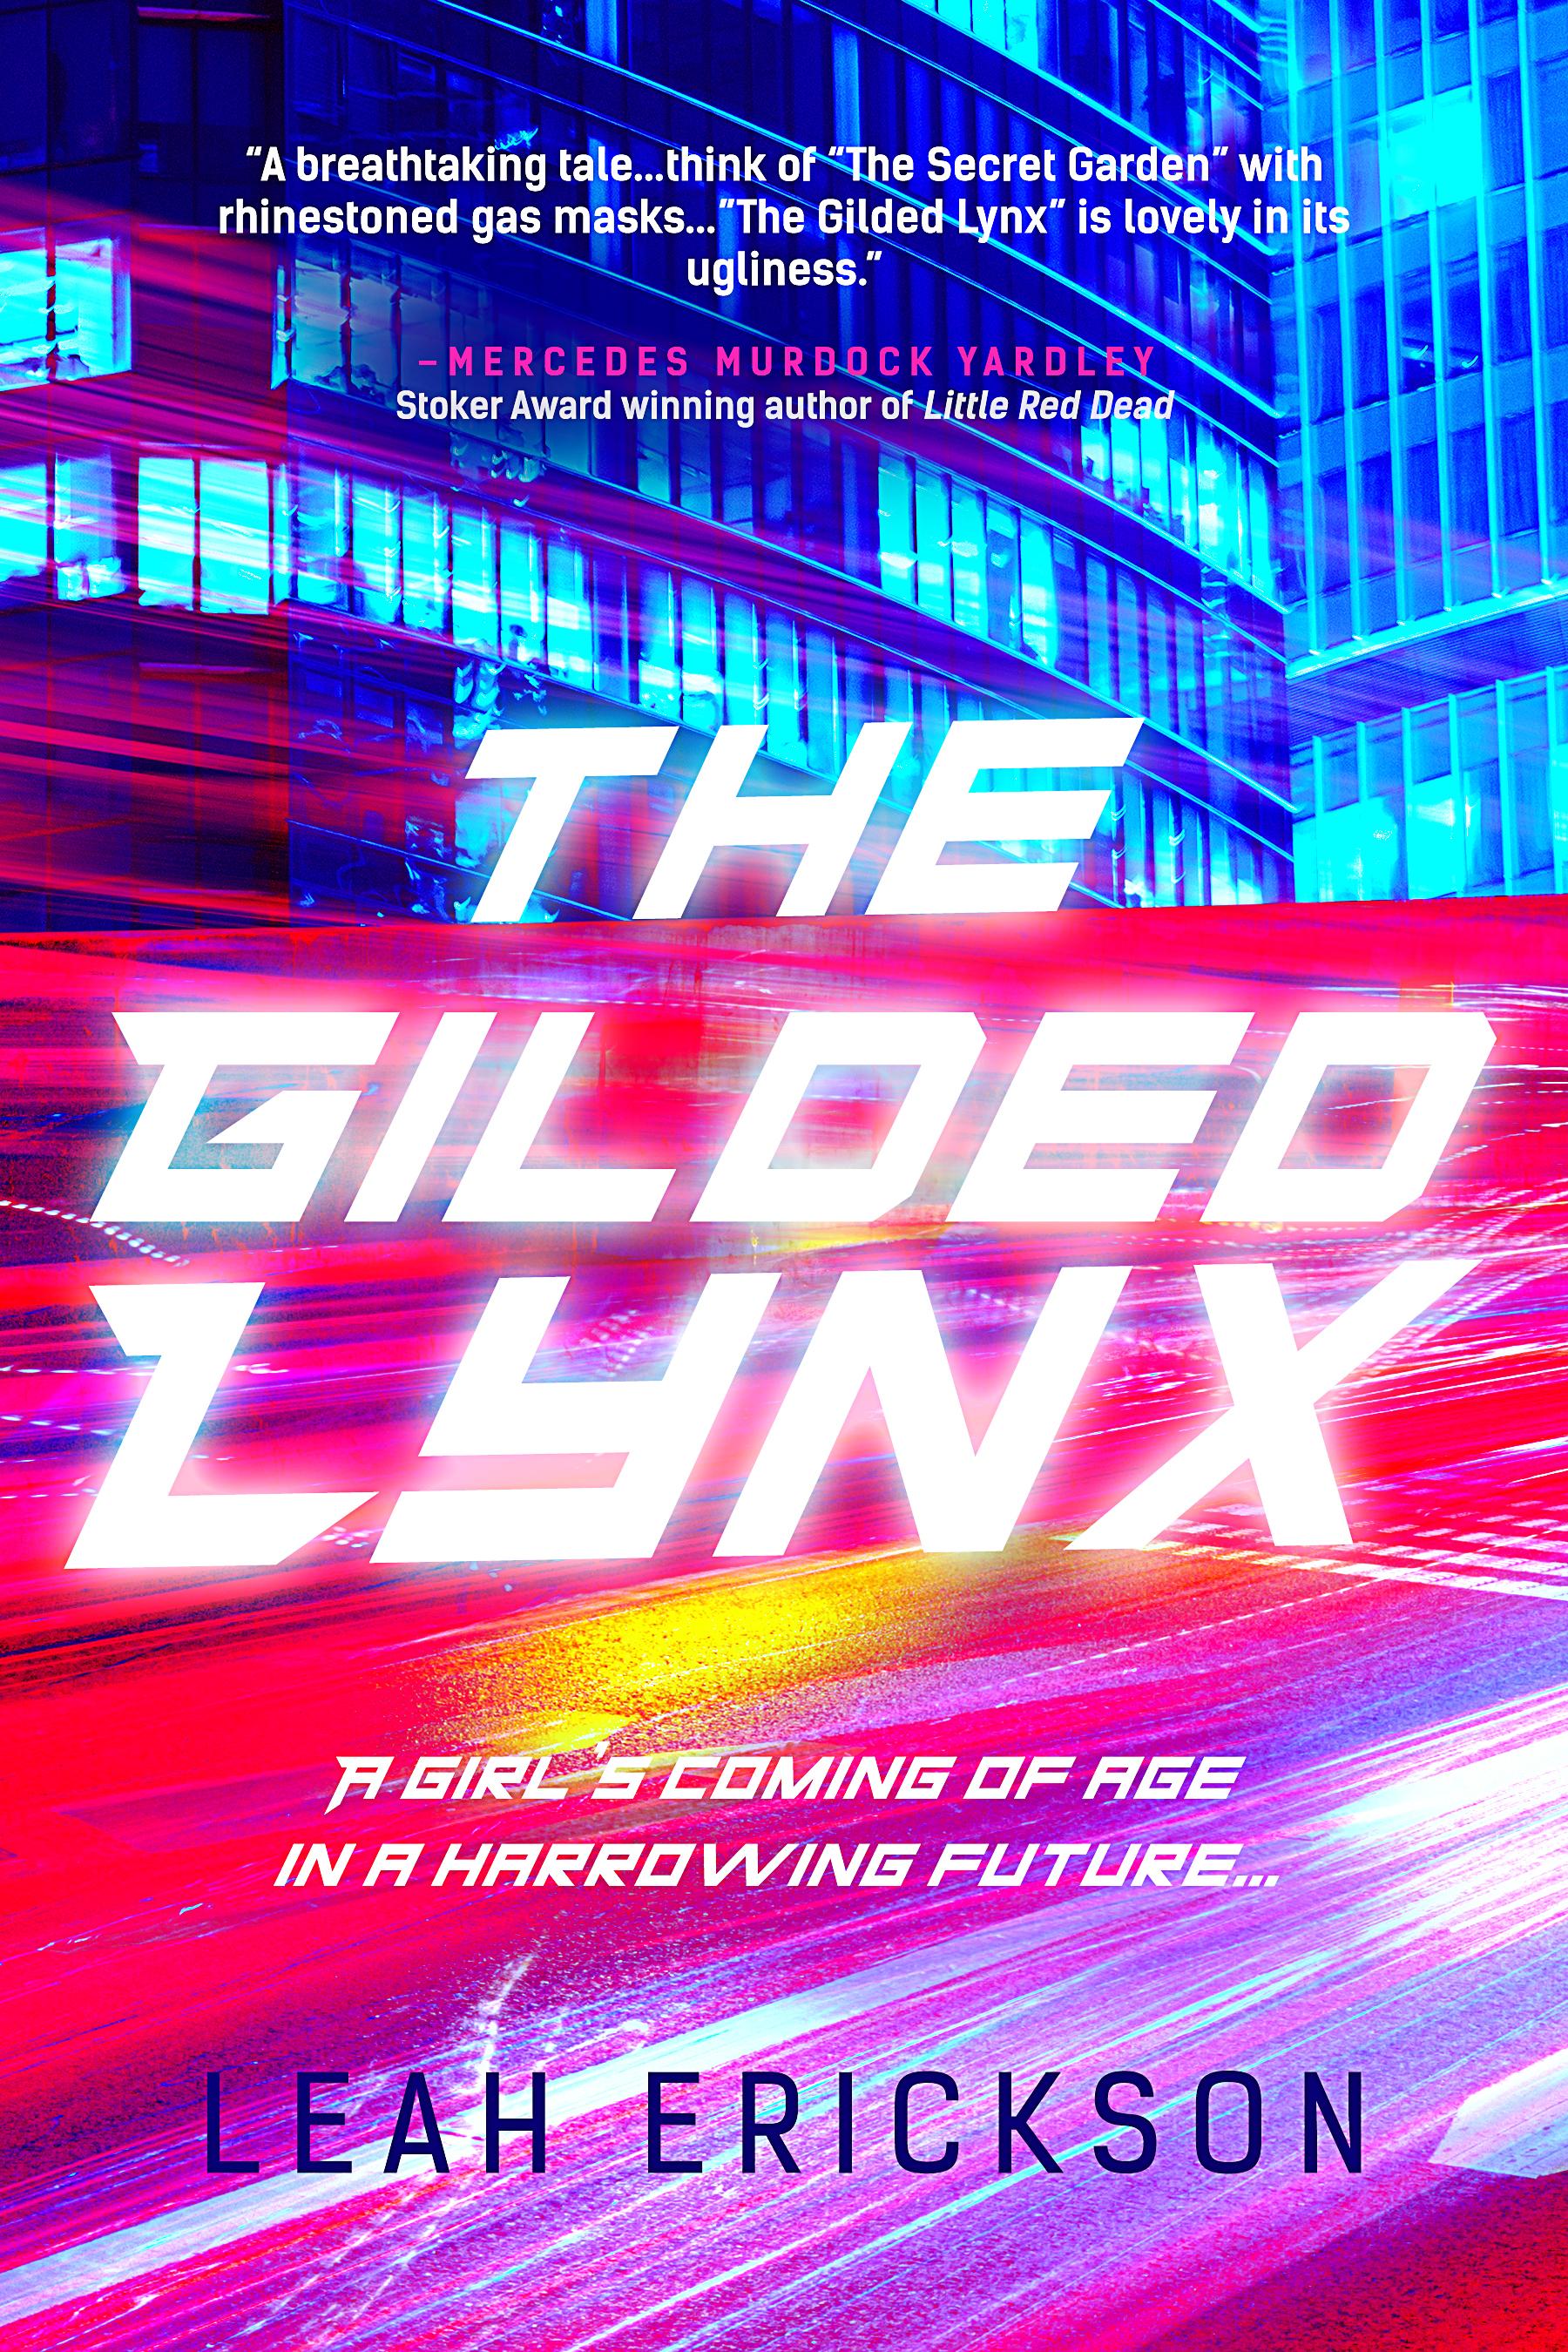 gildedlynx2(1)